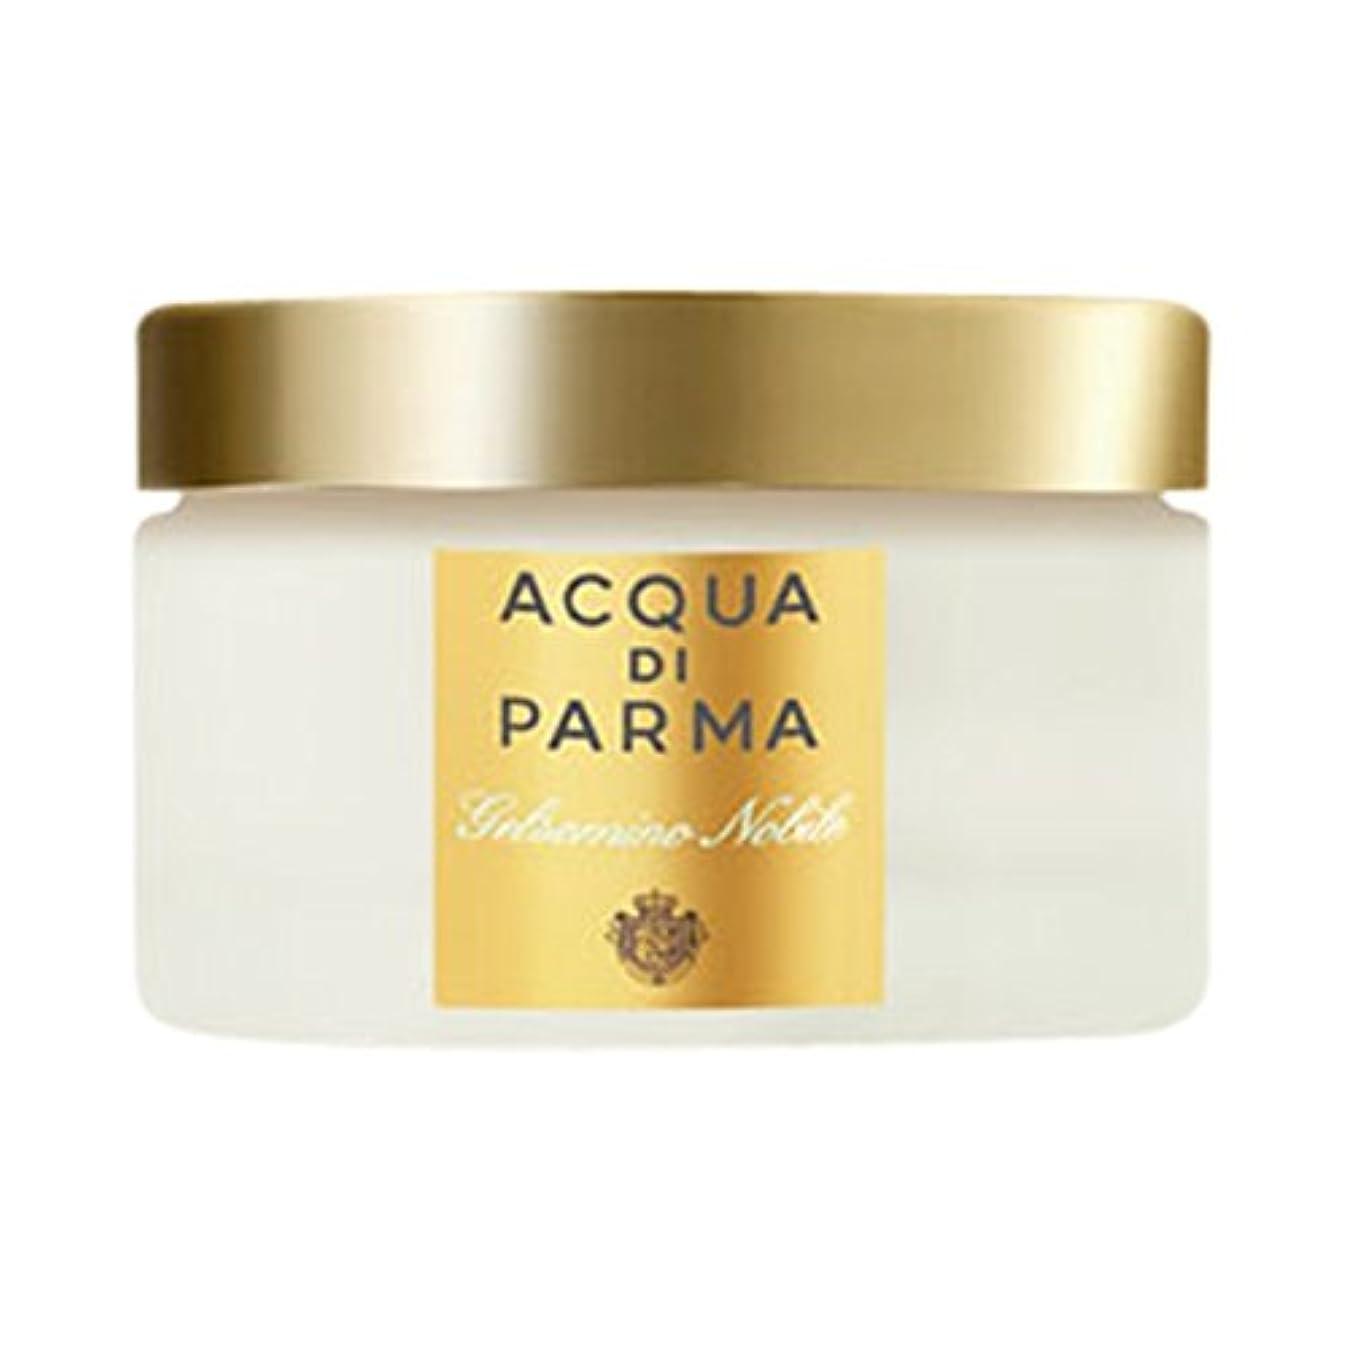 哲学者ピクニックをするジャンルアクア?ディ?パルマGelsominoノビルボディクリーム150ミリリットル (Acqua di Parma) (x6) - Acqua di Parma Gelsomino Nobile Body Cream 150ml (Pack of 6) [並行輸入品]